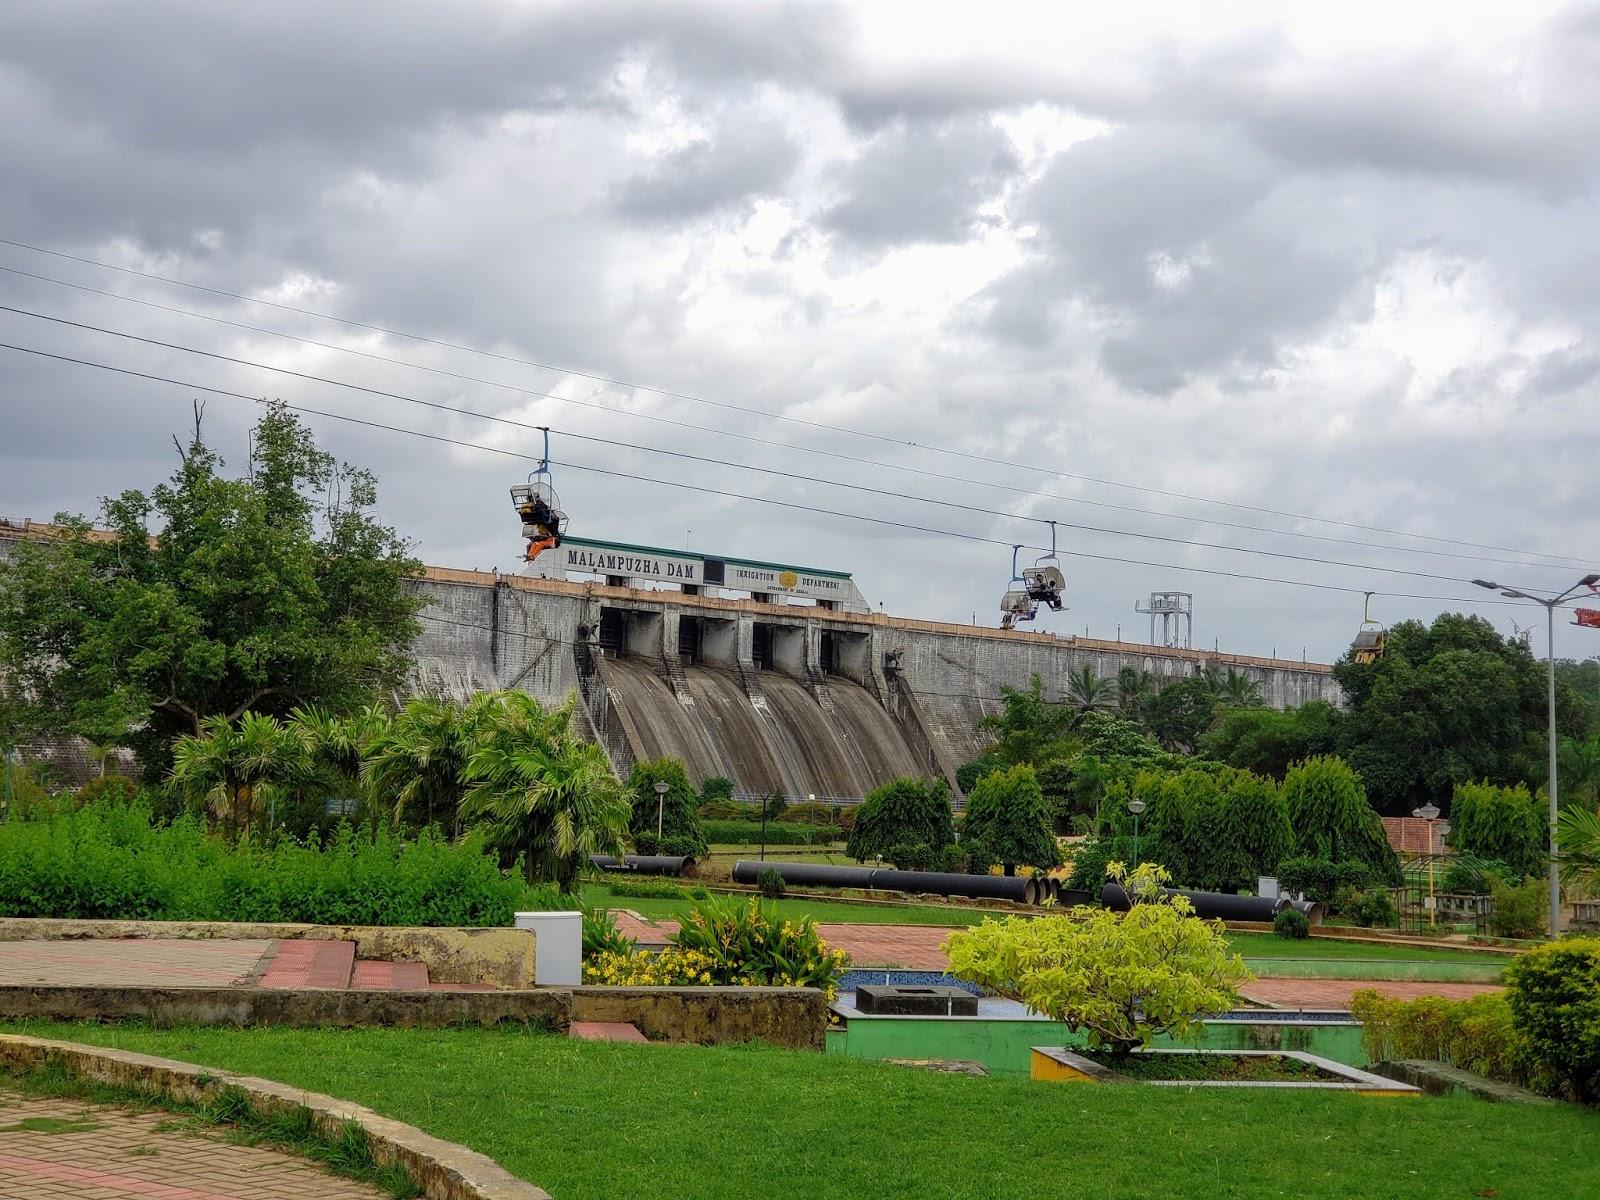 Malampuzha Dam, Palakkad